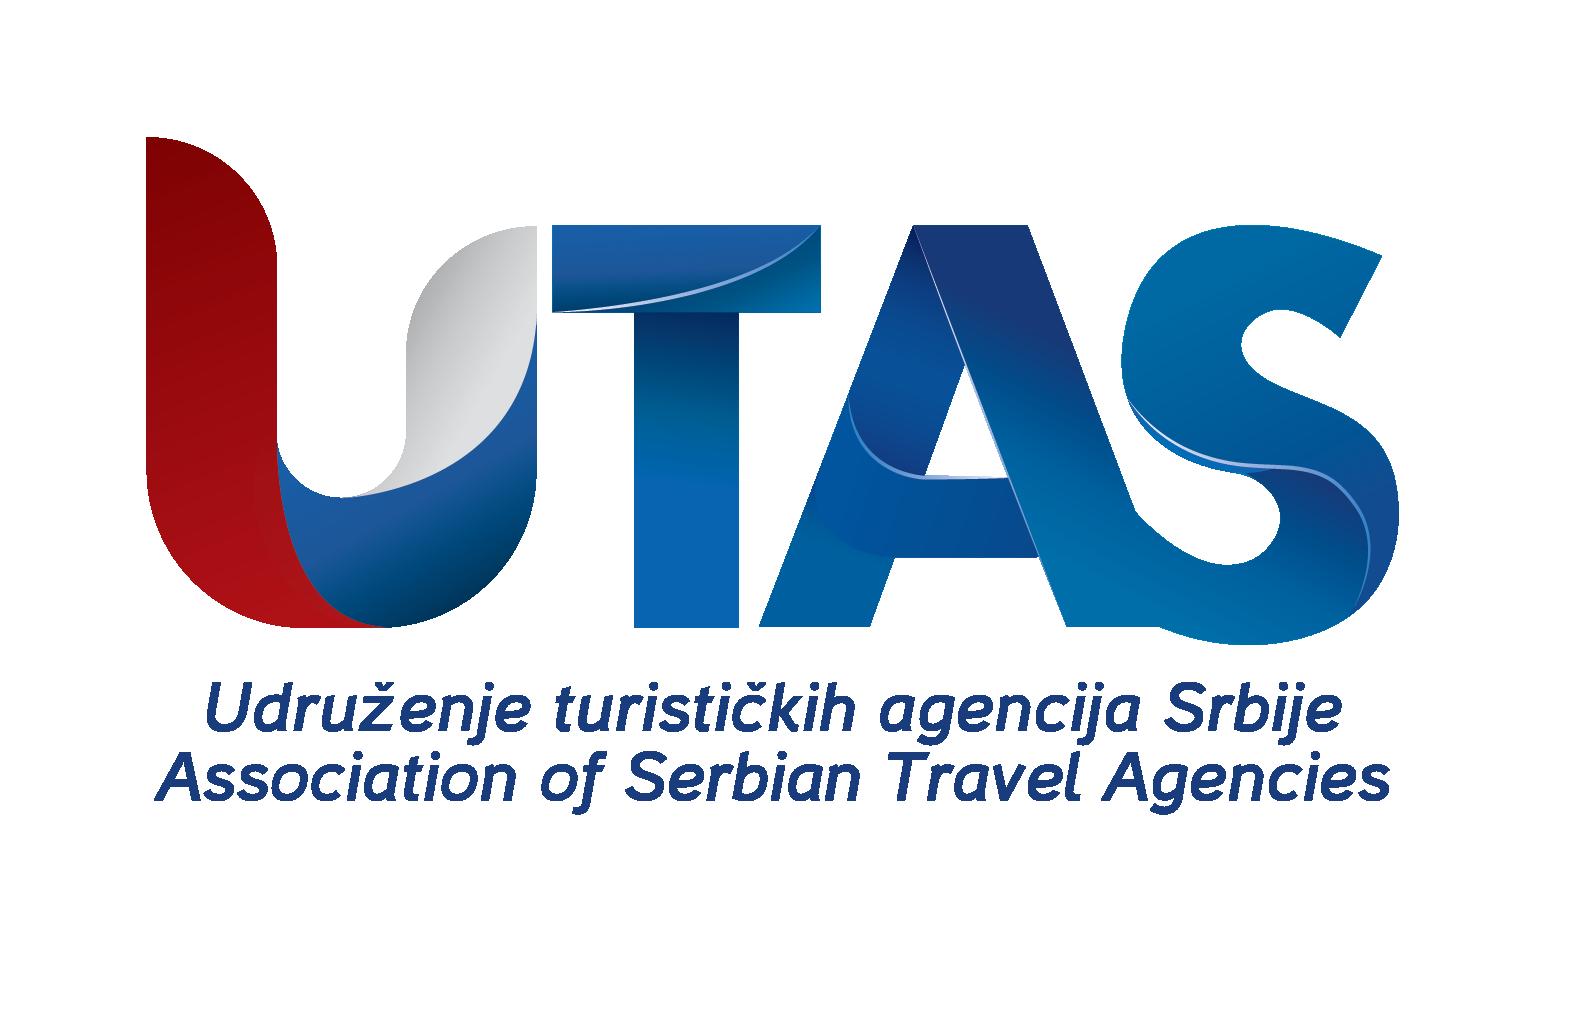 Udruženje turističkih agencija Srbije